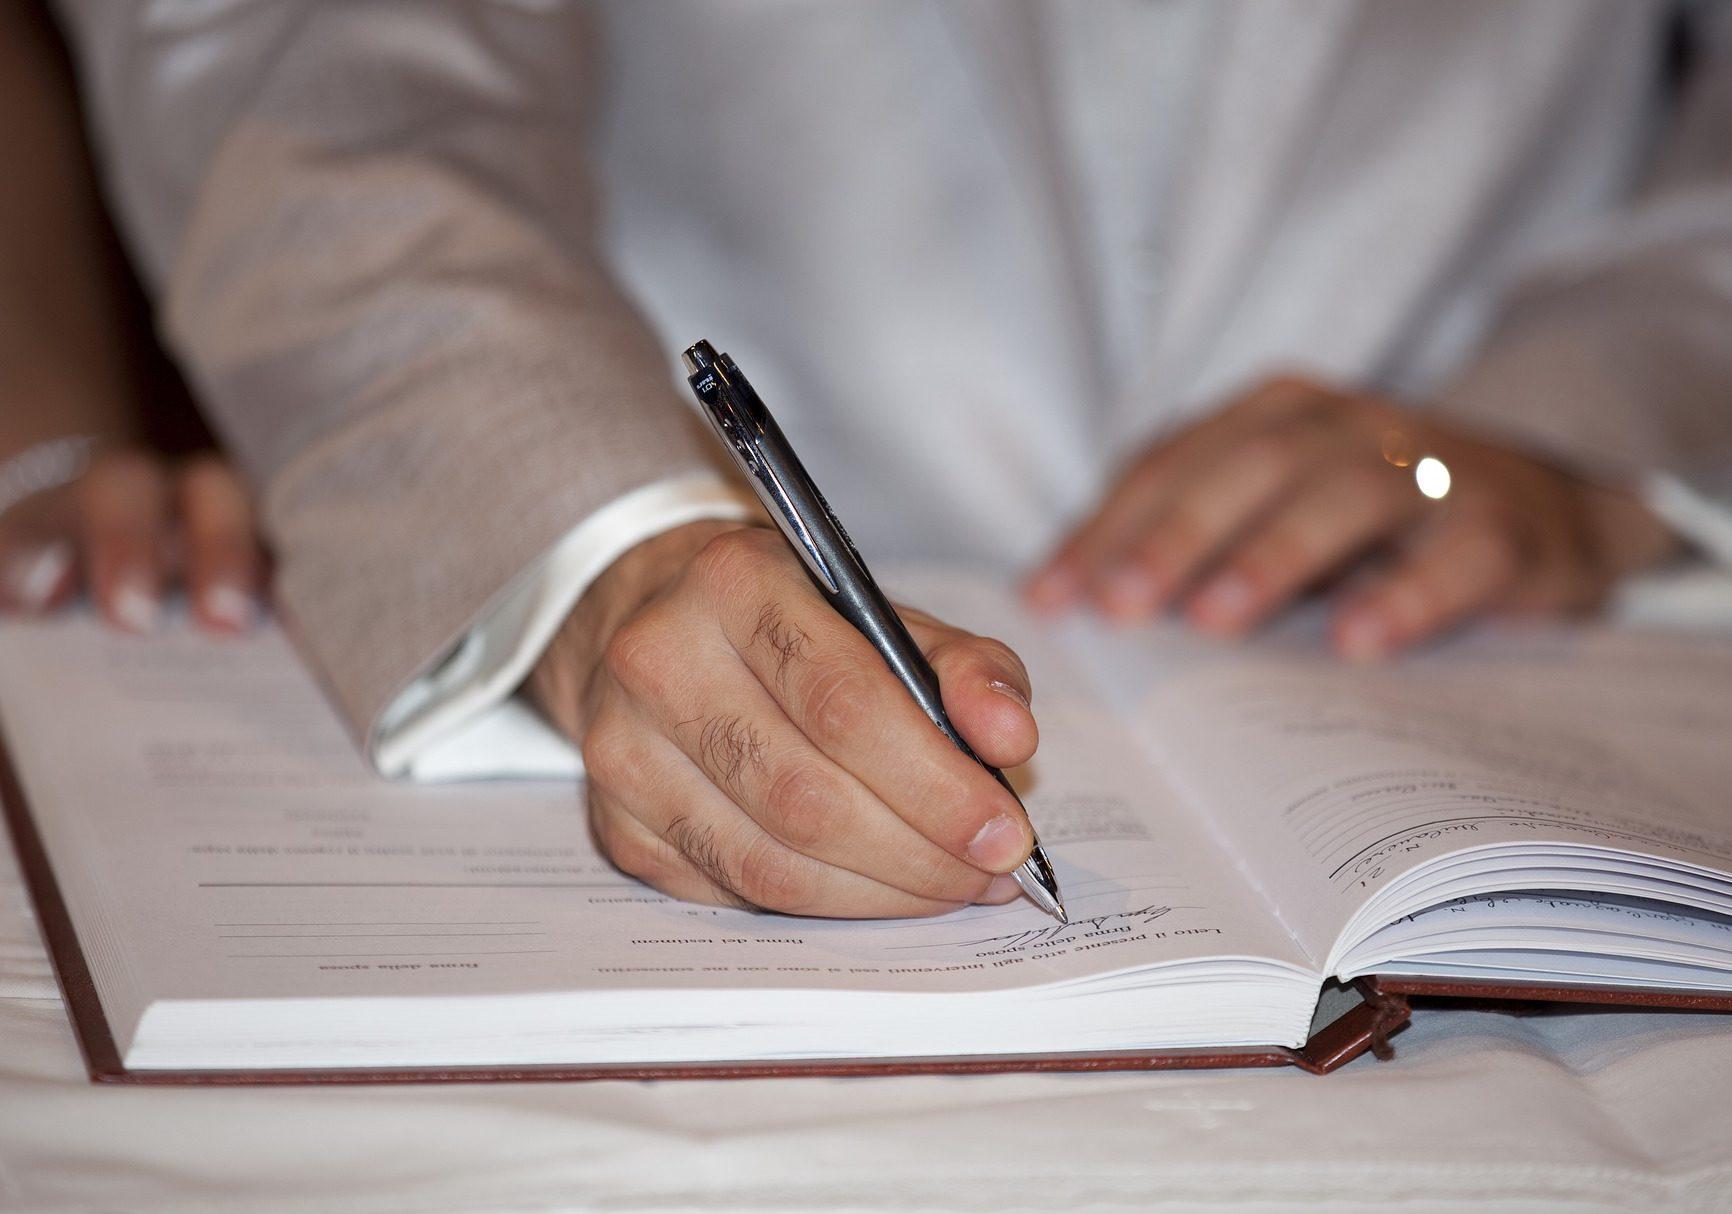 La loi PACTE (Plan d'Action pour la Croissance et la Transformation des Entreprises) a définitivement été adoptée par le parlement le 11 Avril 2019.